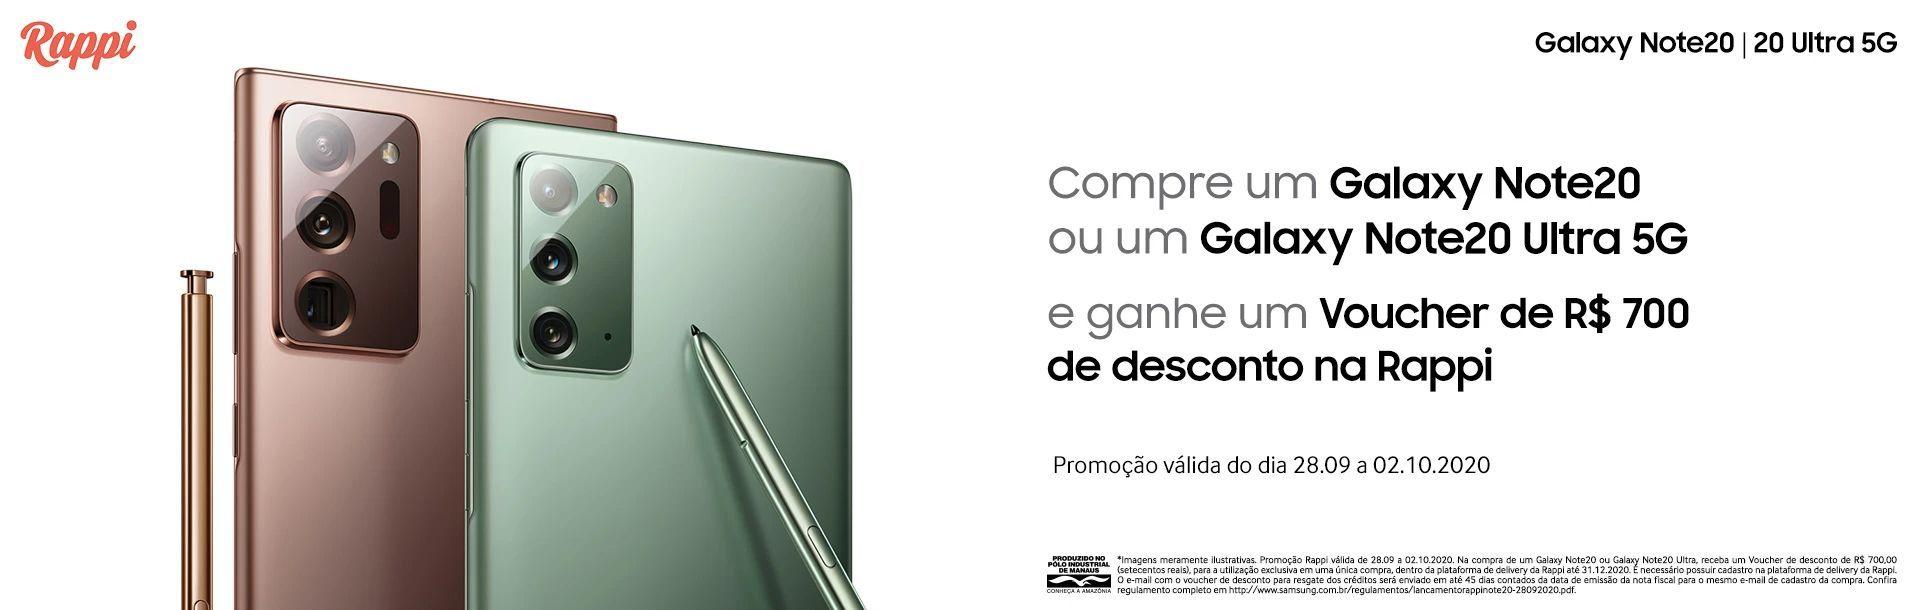 Rappi Samsung